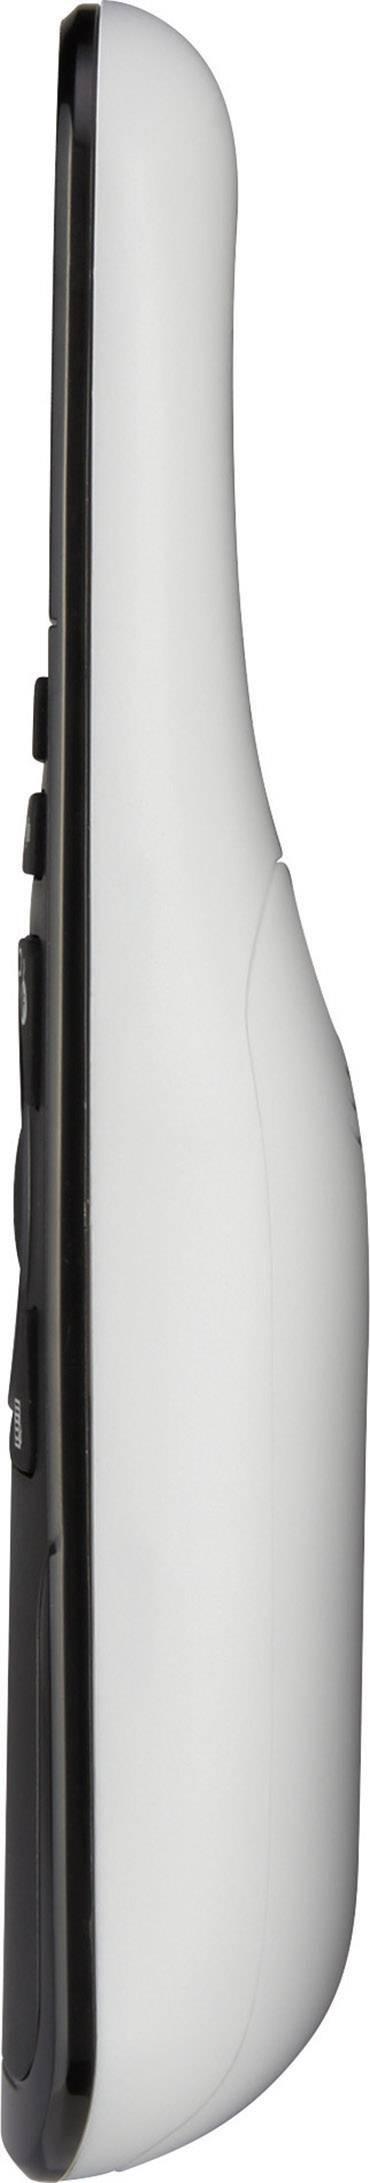 Bezdrátový prezentér s touchpadem Renkforce ZW-52007 RF-3652101, černá